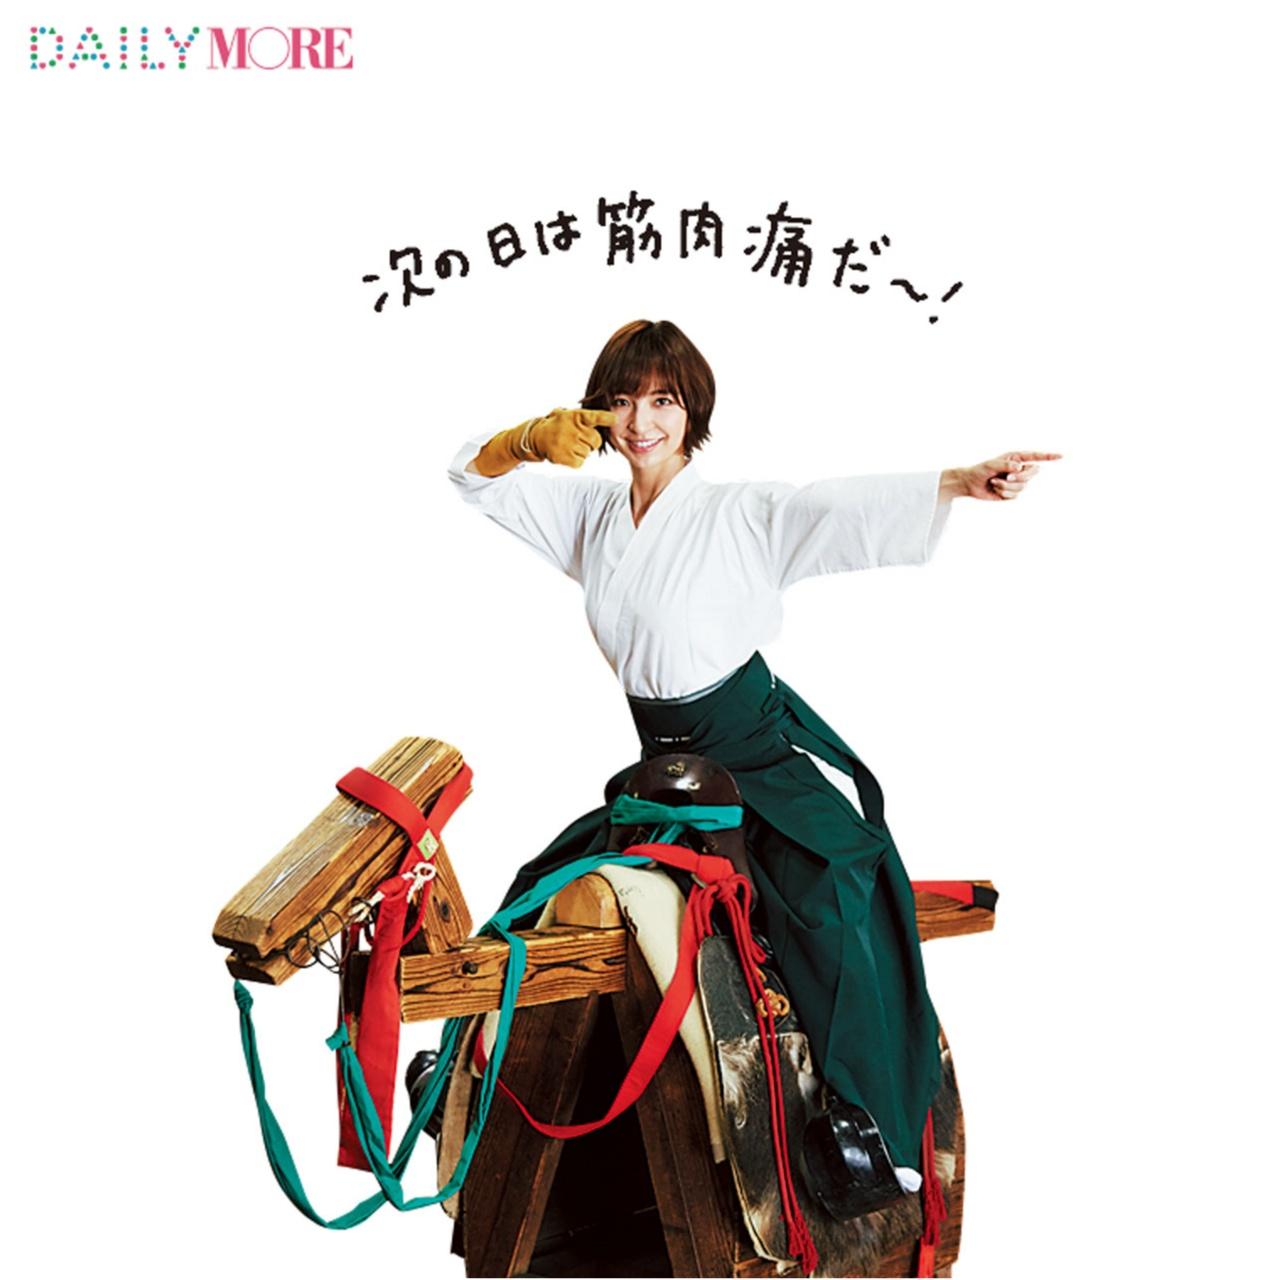 篠田麻里子と学ぶ、話題の「弓道」の楽しみ方!【麻里子の「和」コトハジメ】_2